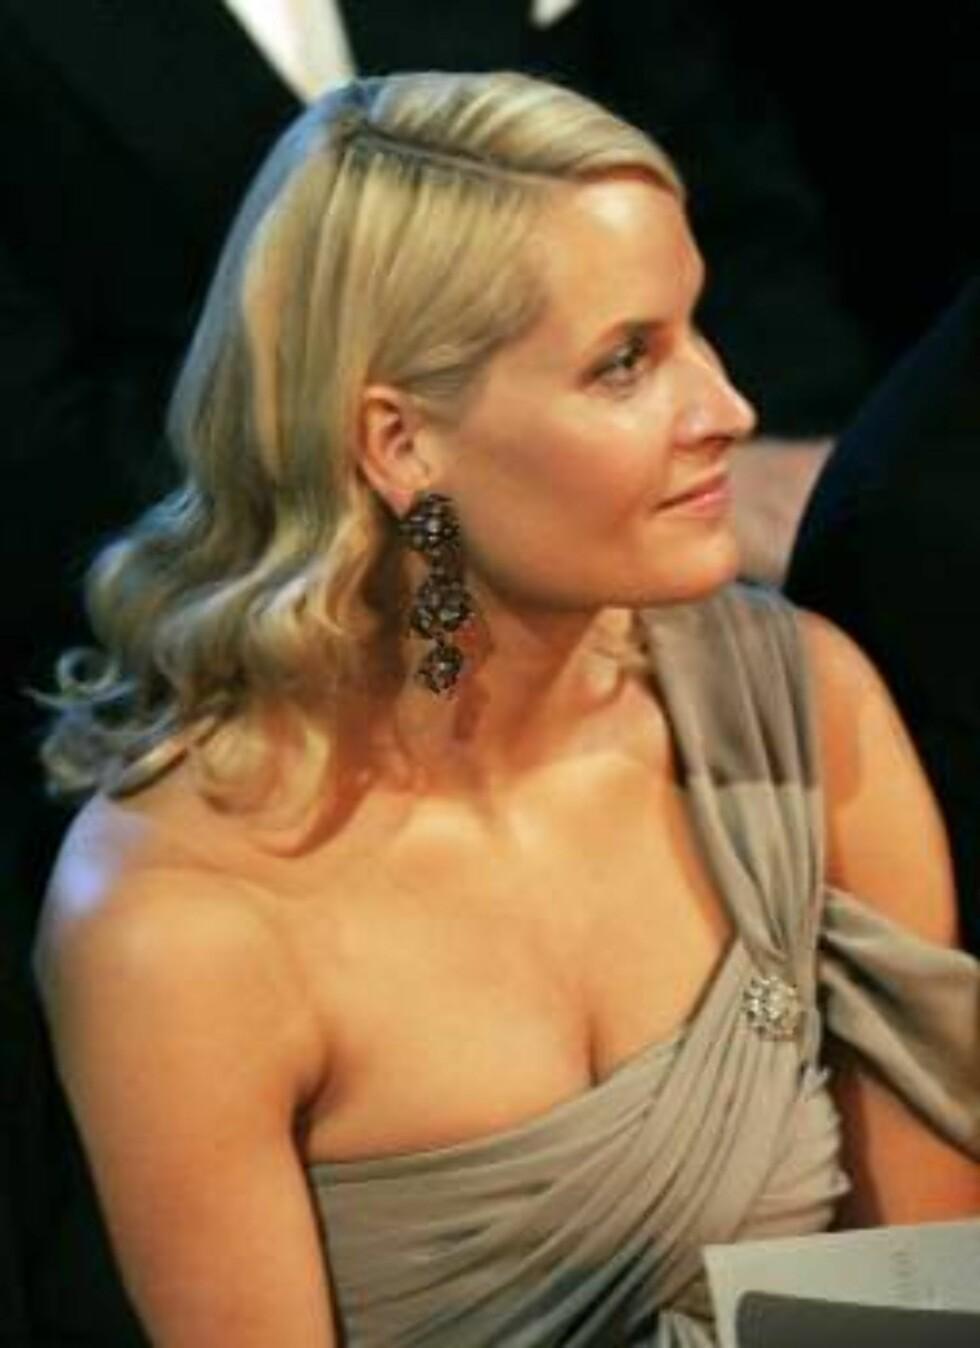 OSLO 20070223: Kronprinsesse Mette-Marit  før festforestillingen i Oslo rådhus fredag kveld.  Foto: Lise Åserud / SCANPIX / POOL      Foto: SCANPIX